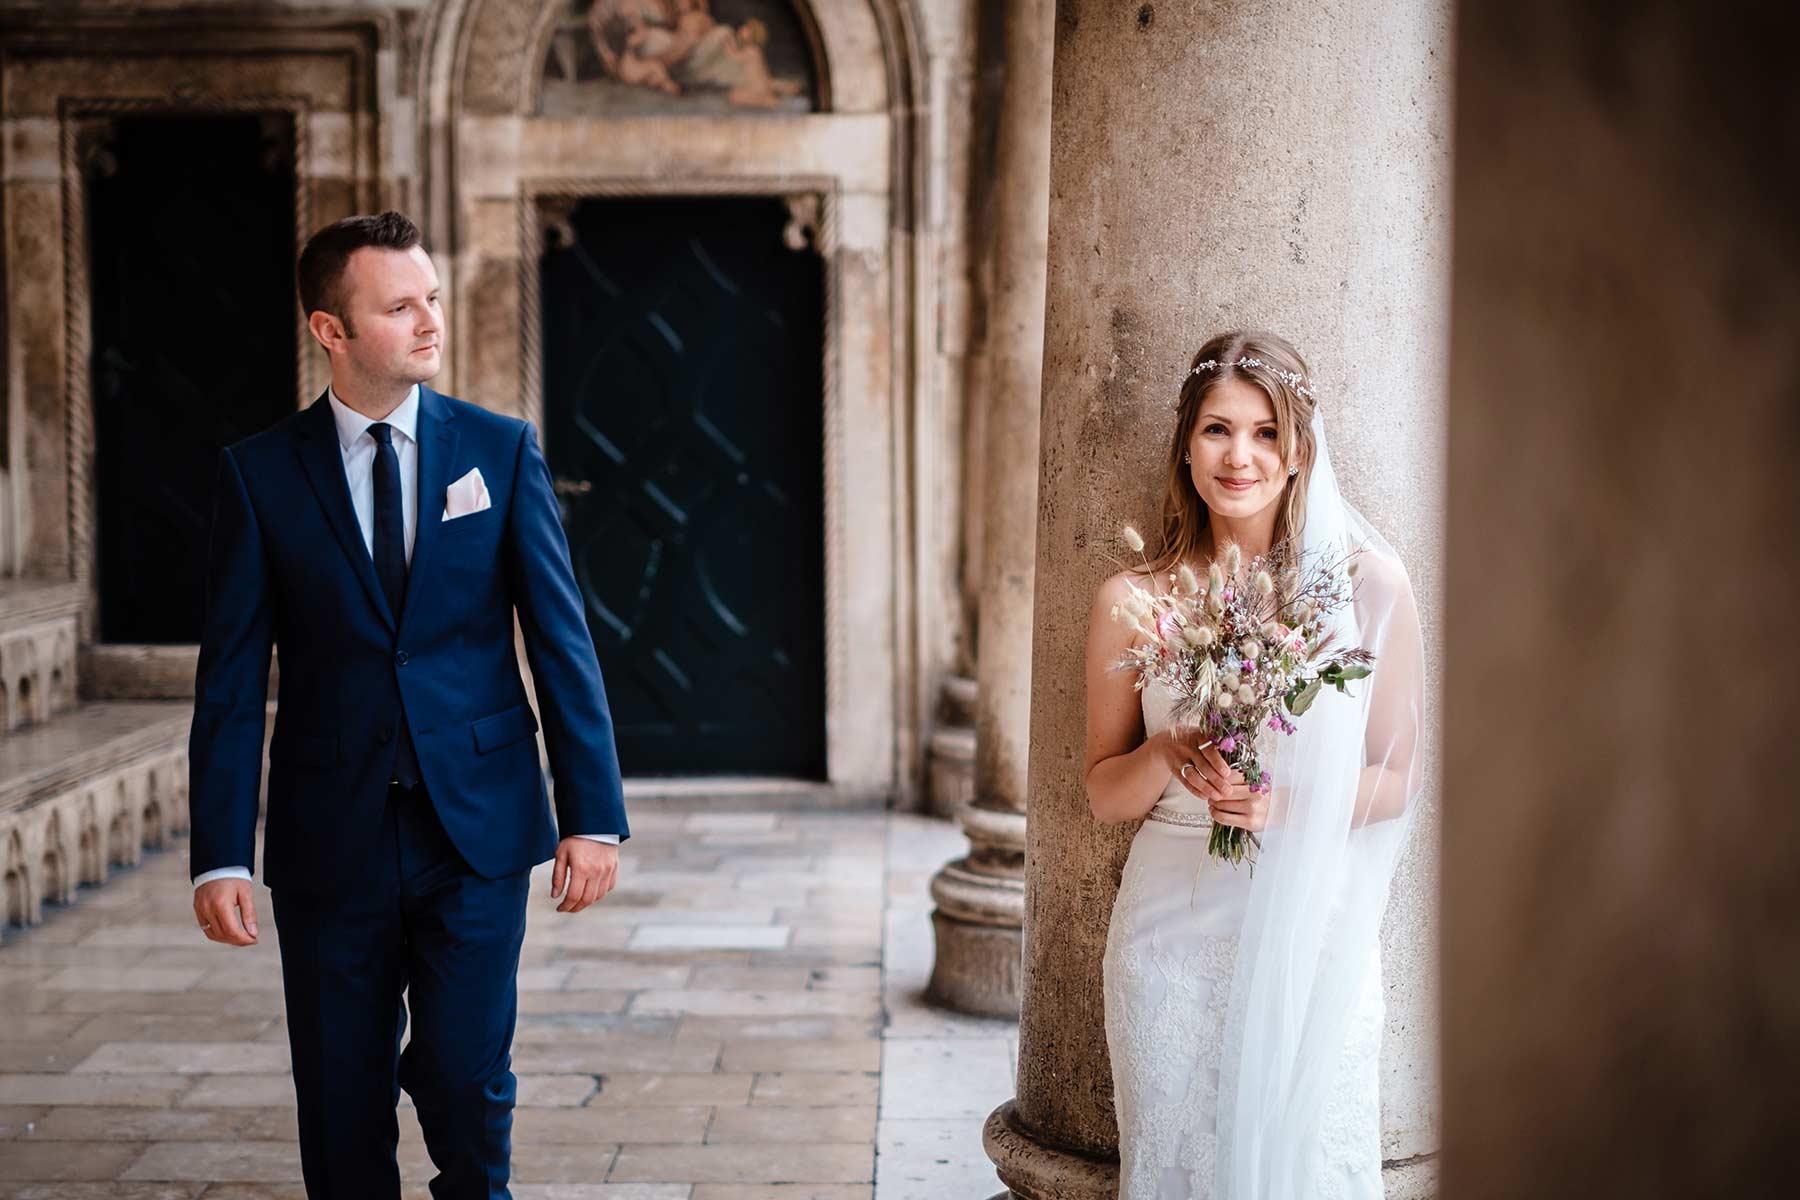 Wie viel kostet eine Hochzeit im Ausland? Eine Kostenübersicht